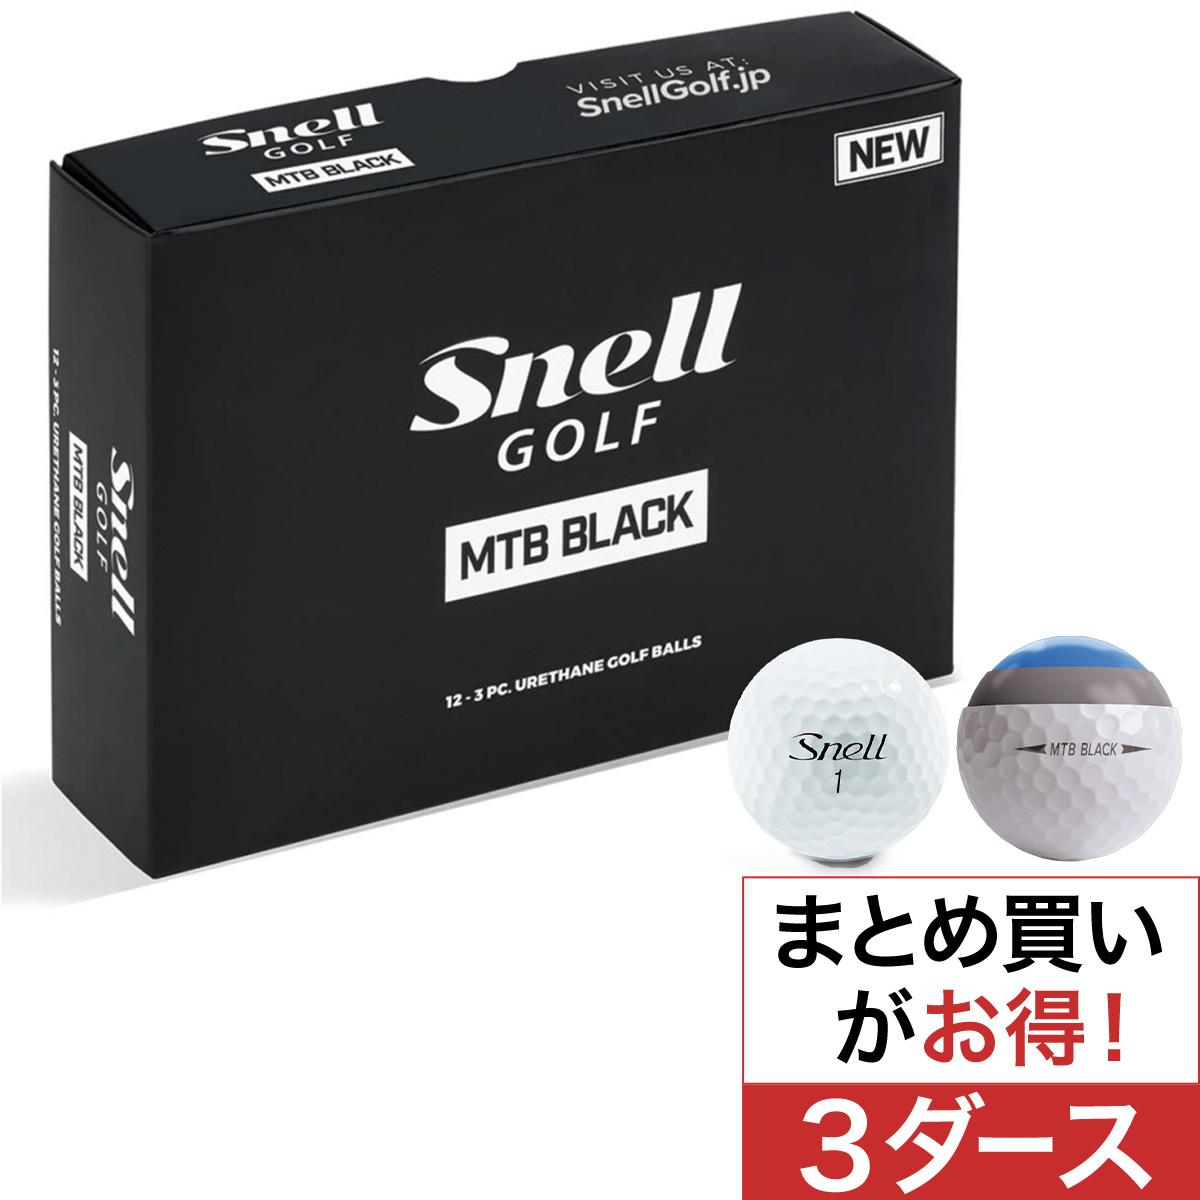 MTB BLACK ボール 3ダースセット